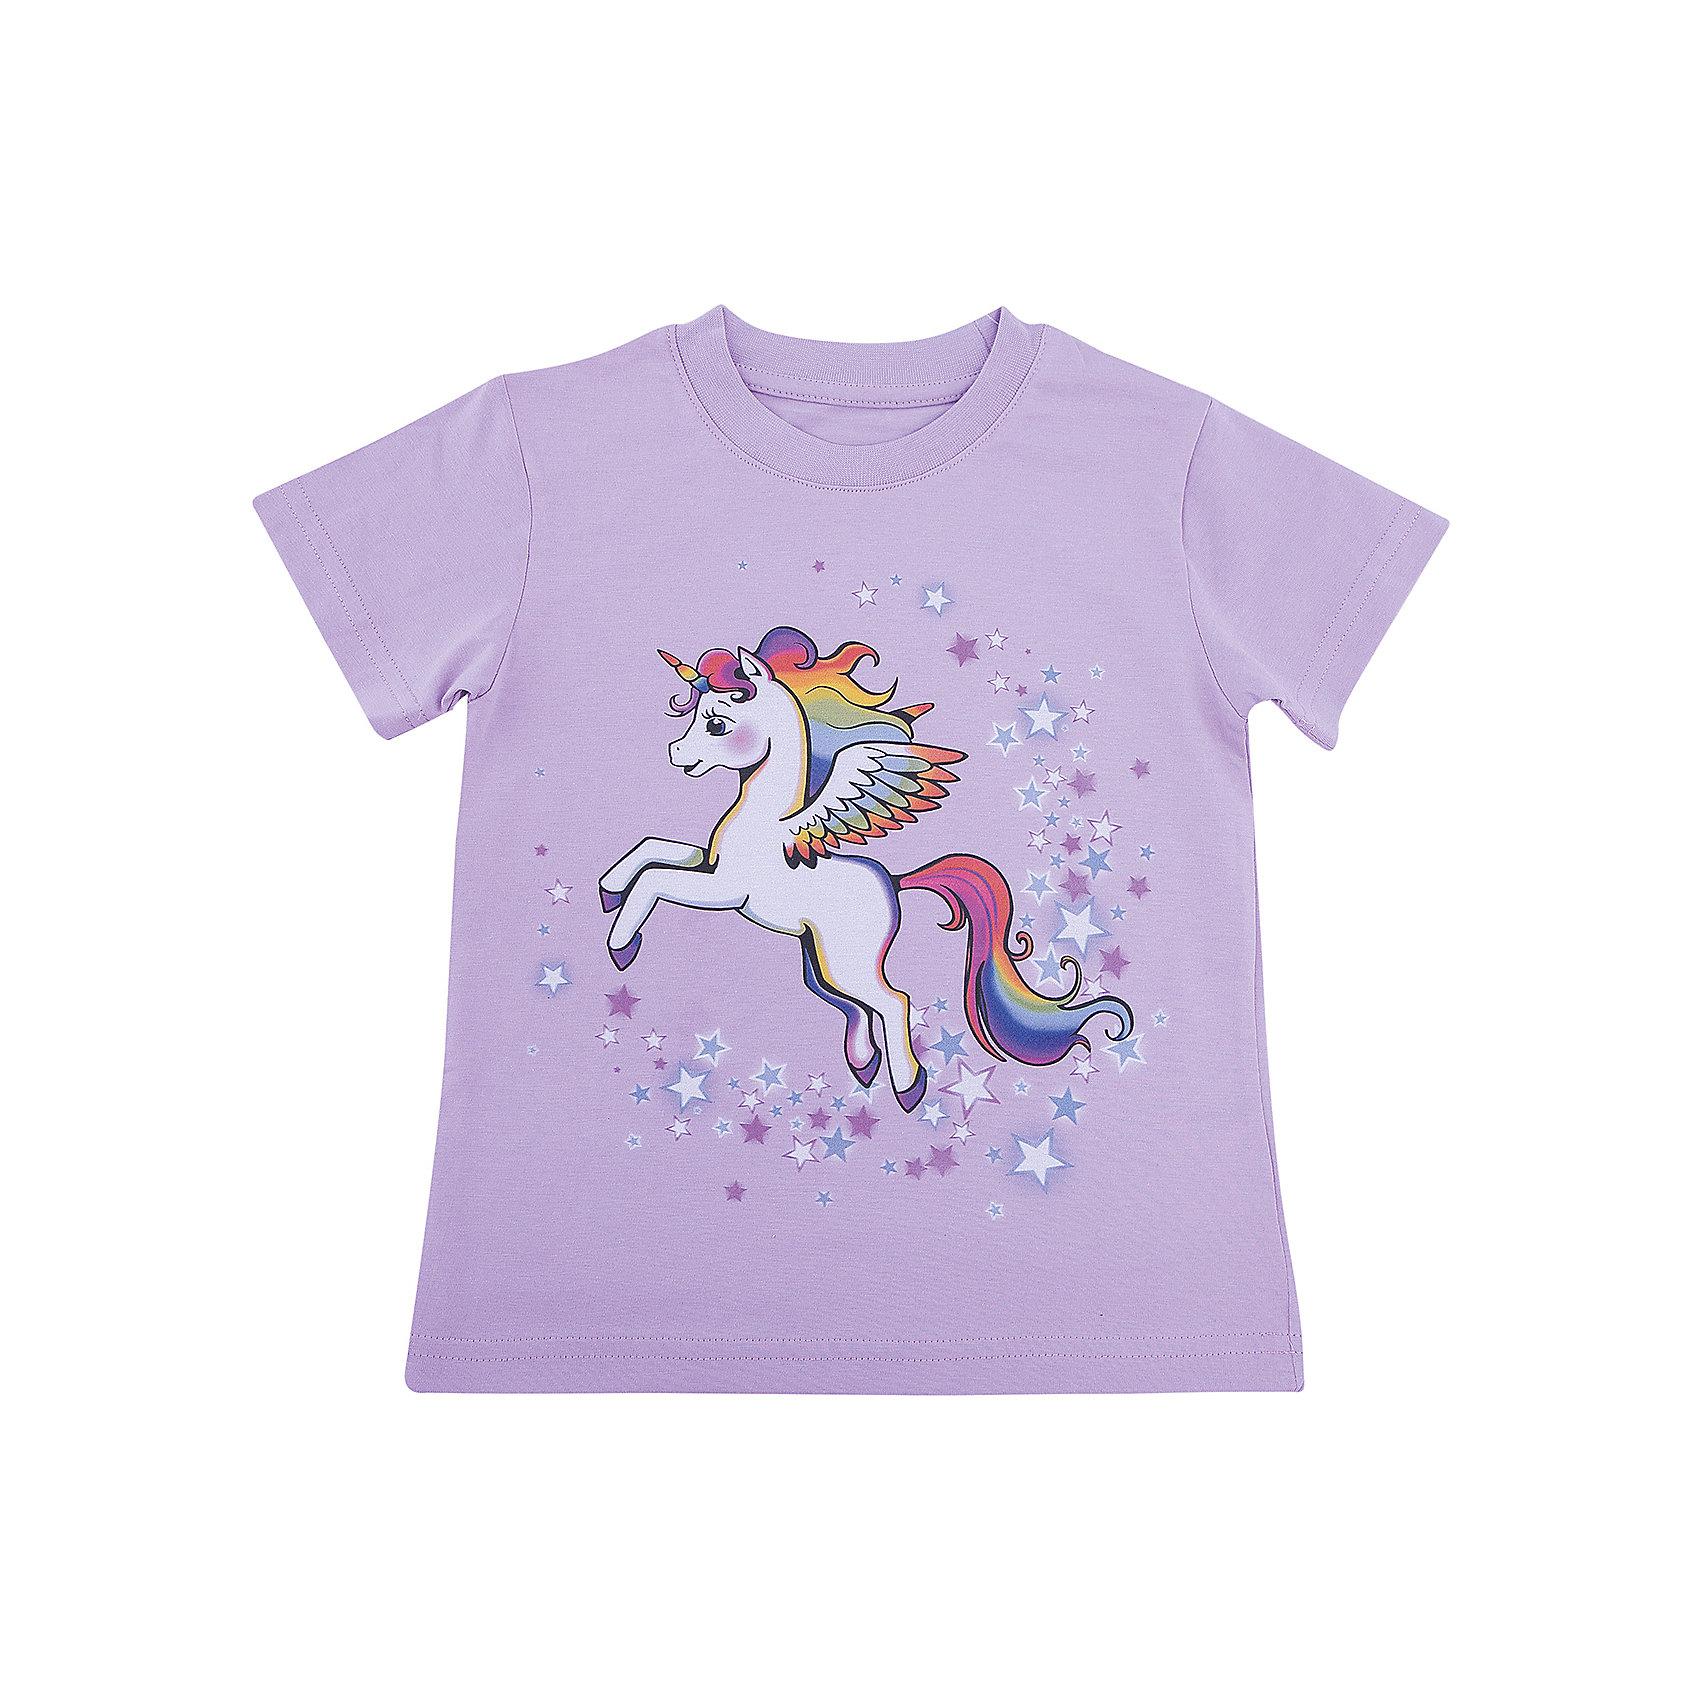 Футболка для девочки WOWФутболки, поло и топы<br>Футболка для девочки WOW<br>Незаменимой вещью в  гардеробе послужит футболка с коротким рукавом. Стильная и в тоже время комфортная модель, с яркой оригинальной печатью, будет превосходно смотреться на ребенке.<br>Состав:<br>кулирная гладь 100% хлопок<br><br>Ширина мм: 199<br>Глубина мм: 10<br>Высота мм: 161<br>Вес г: 151<br>Цвет: лиловый<br>Возраст от месяцев: 24<br>Возраст до месяцев: 36<br>Пол: Женский<br>Возраст: Детский<br>Размер: 98,122,116,110,104<br>SKU: 6871751